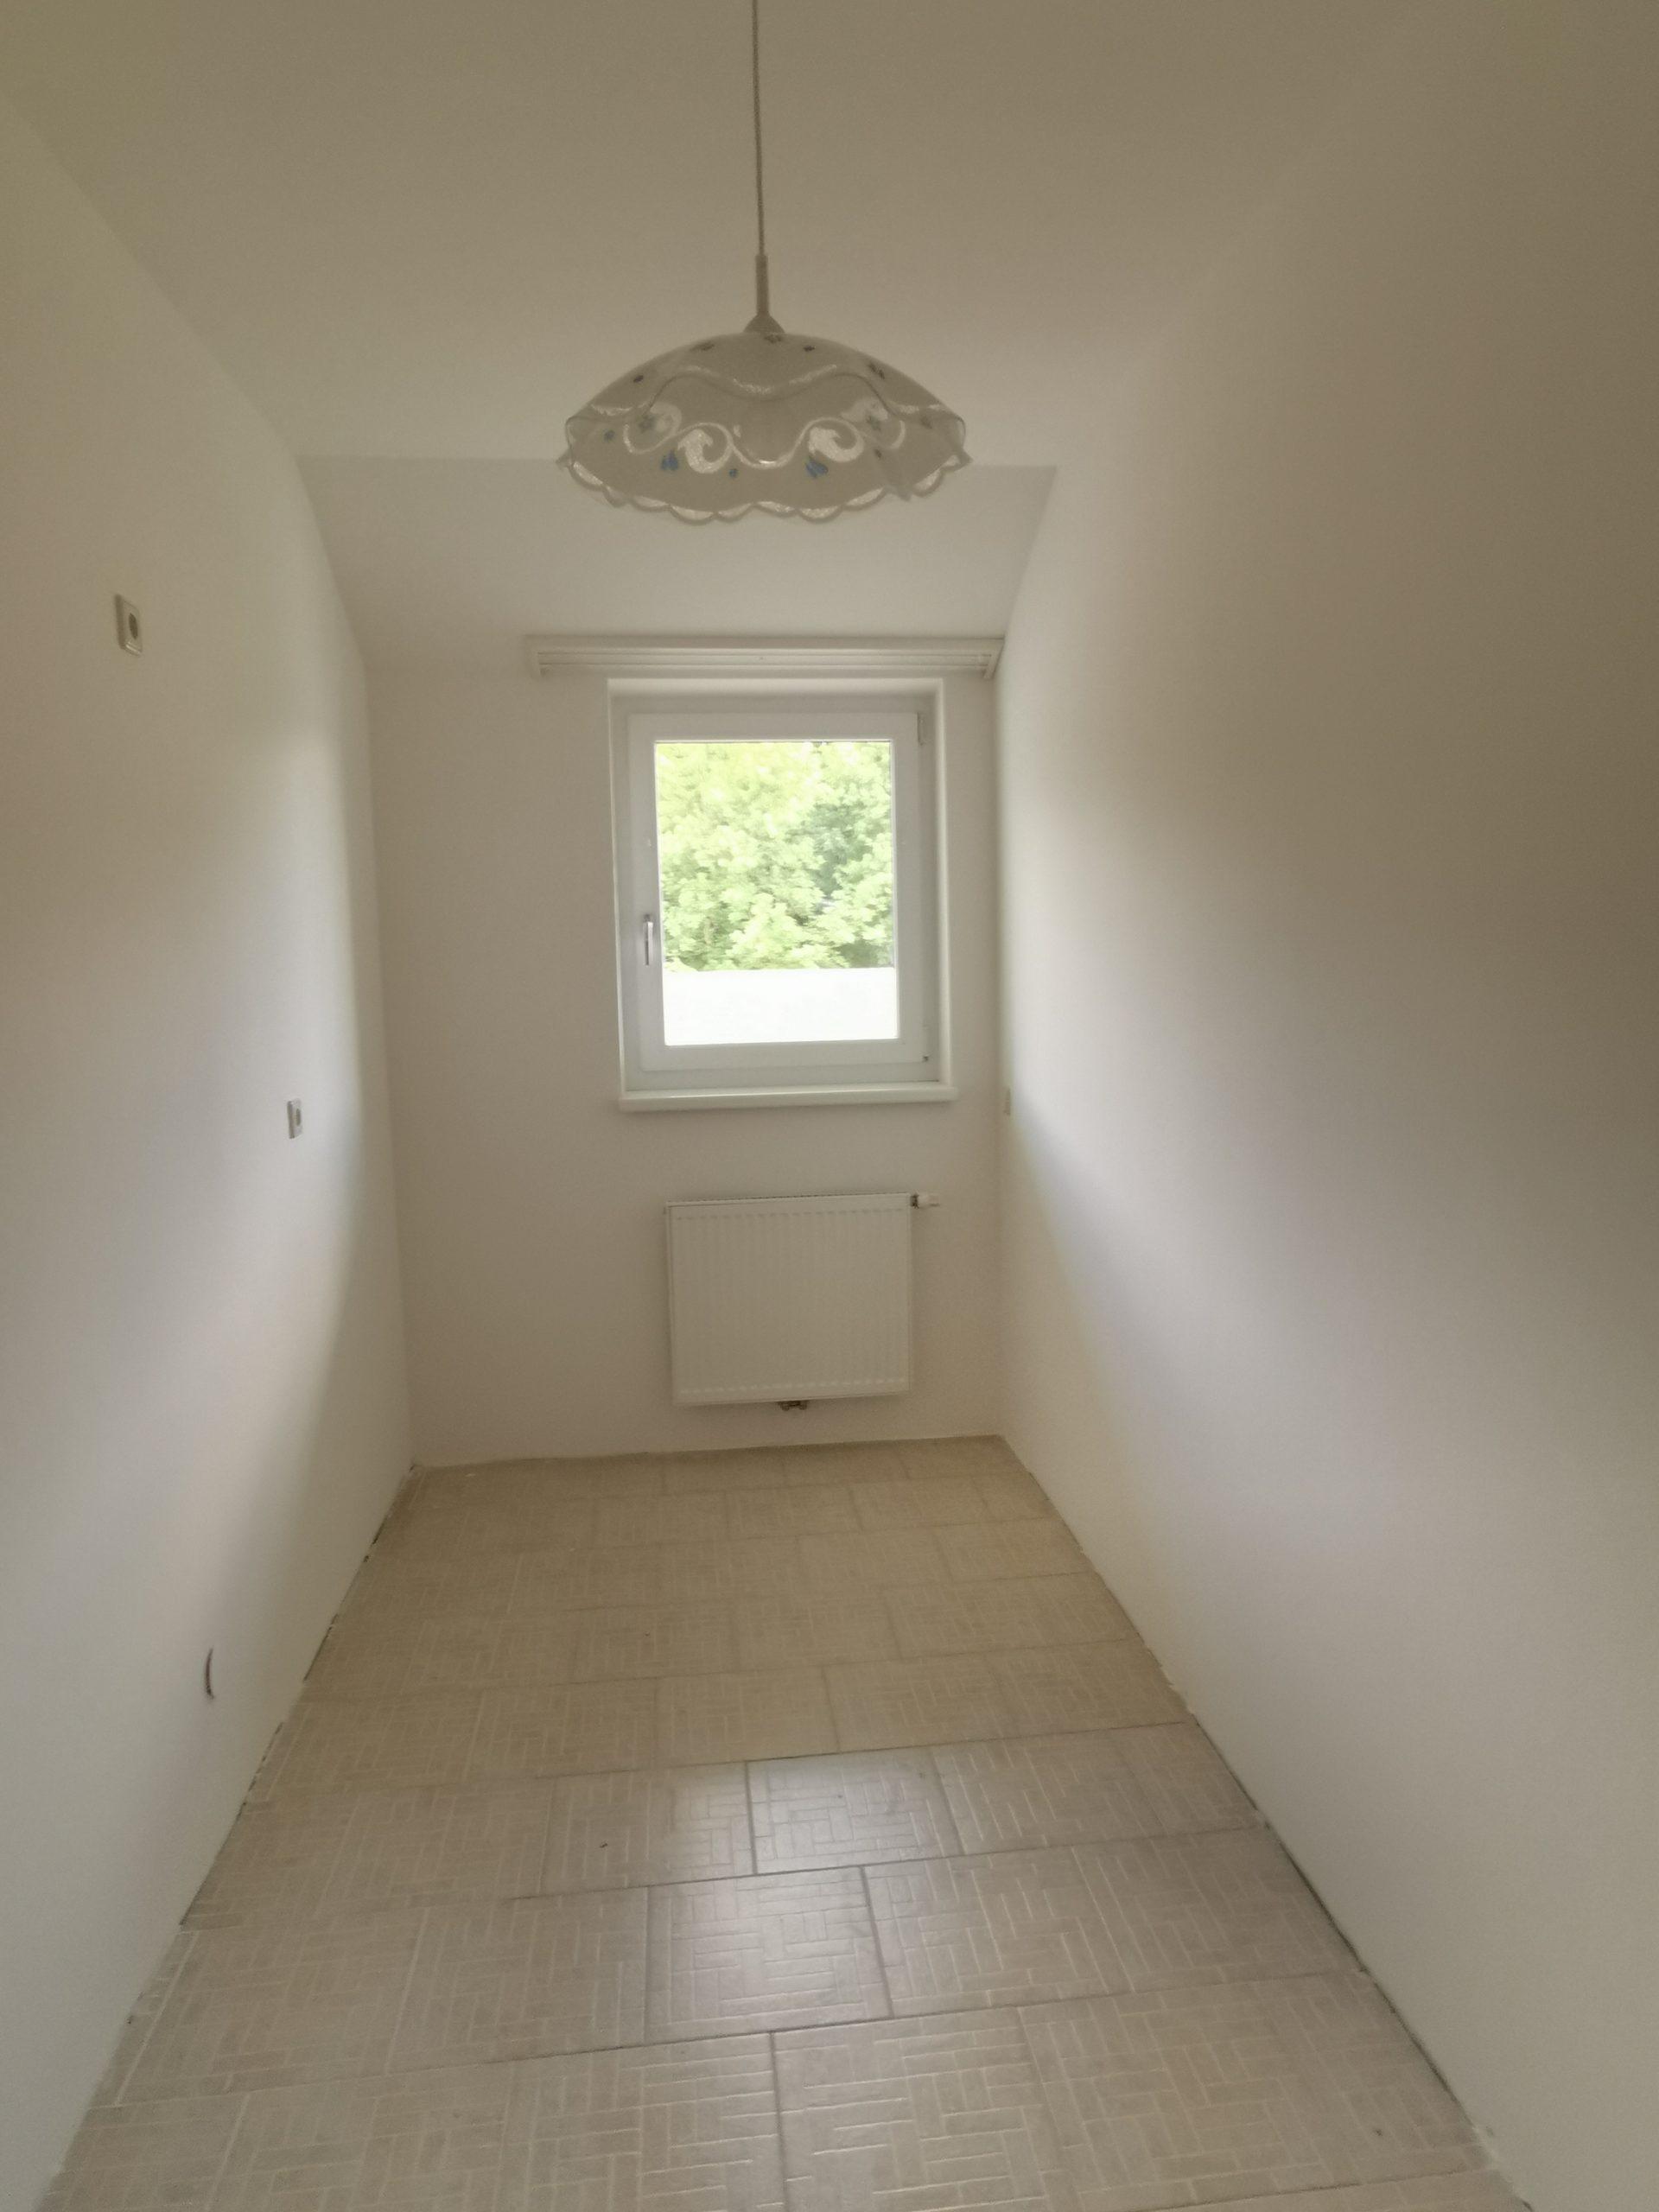 Immobilie von Kamptal in 3730 Eggenburg, Horn, Eggenburg V/2 - Top 111 #6